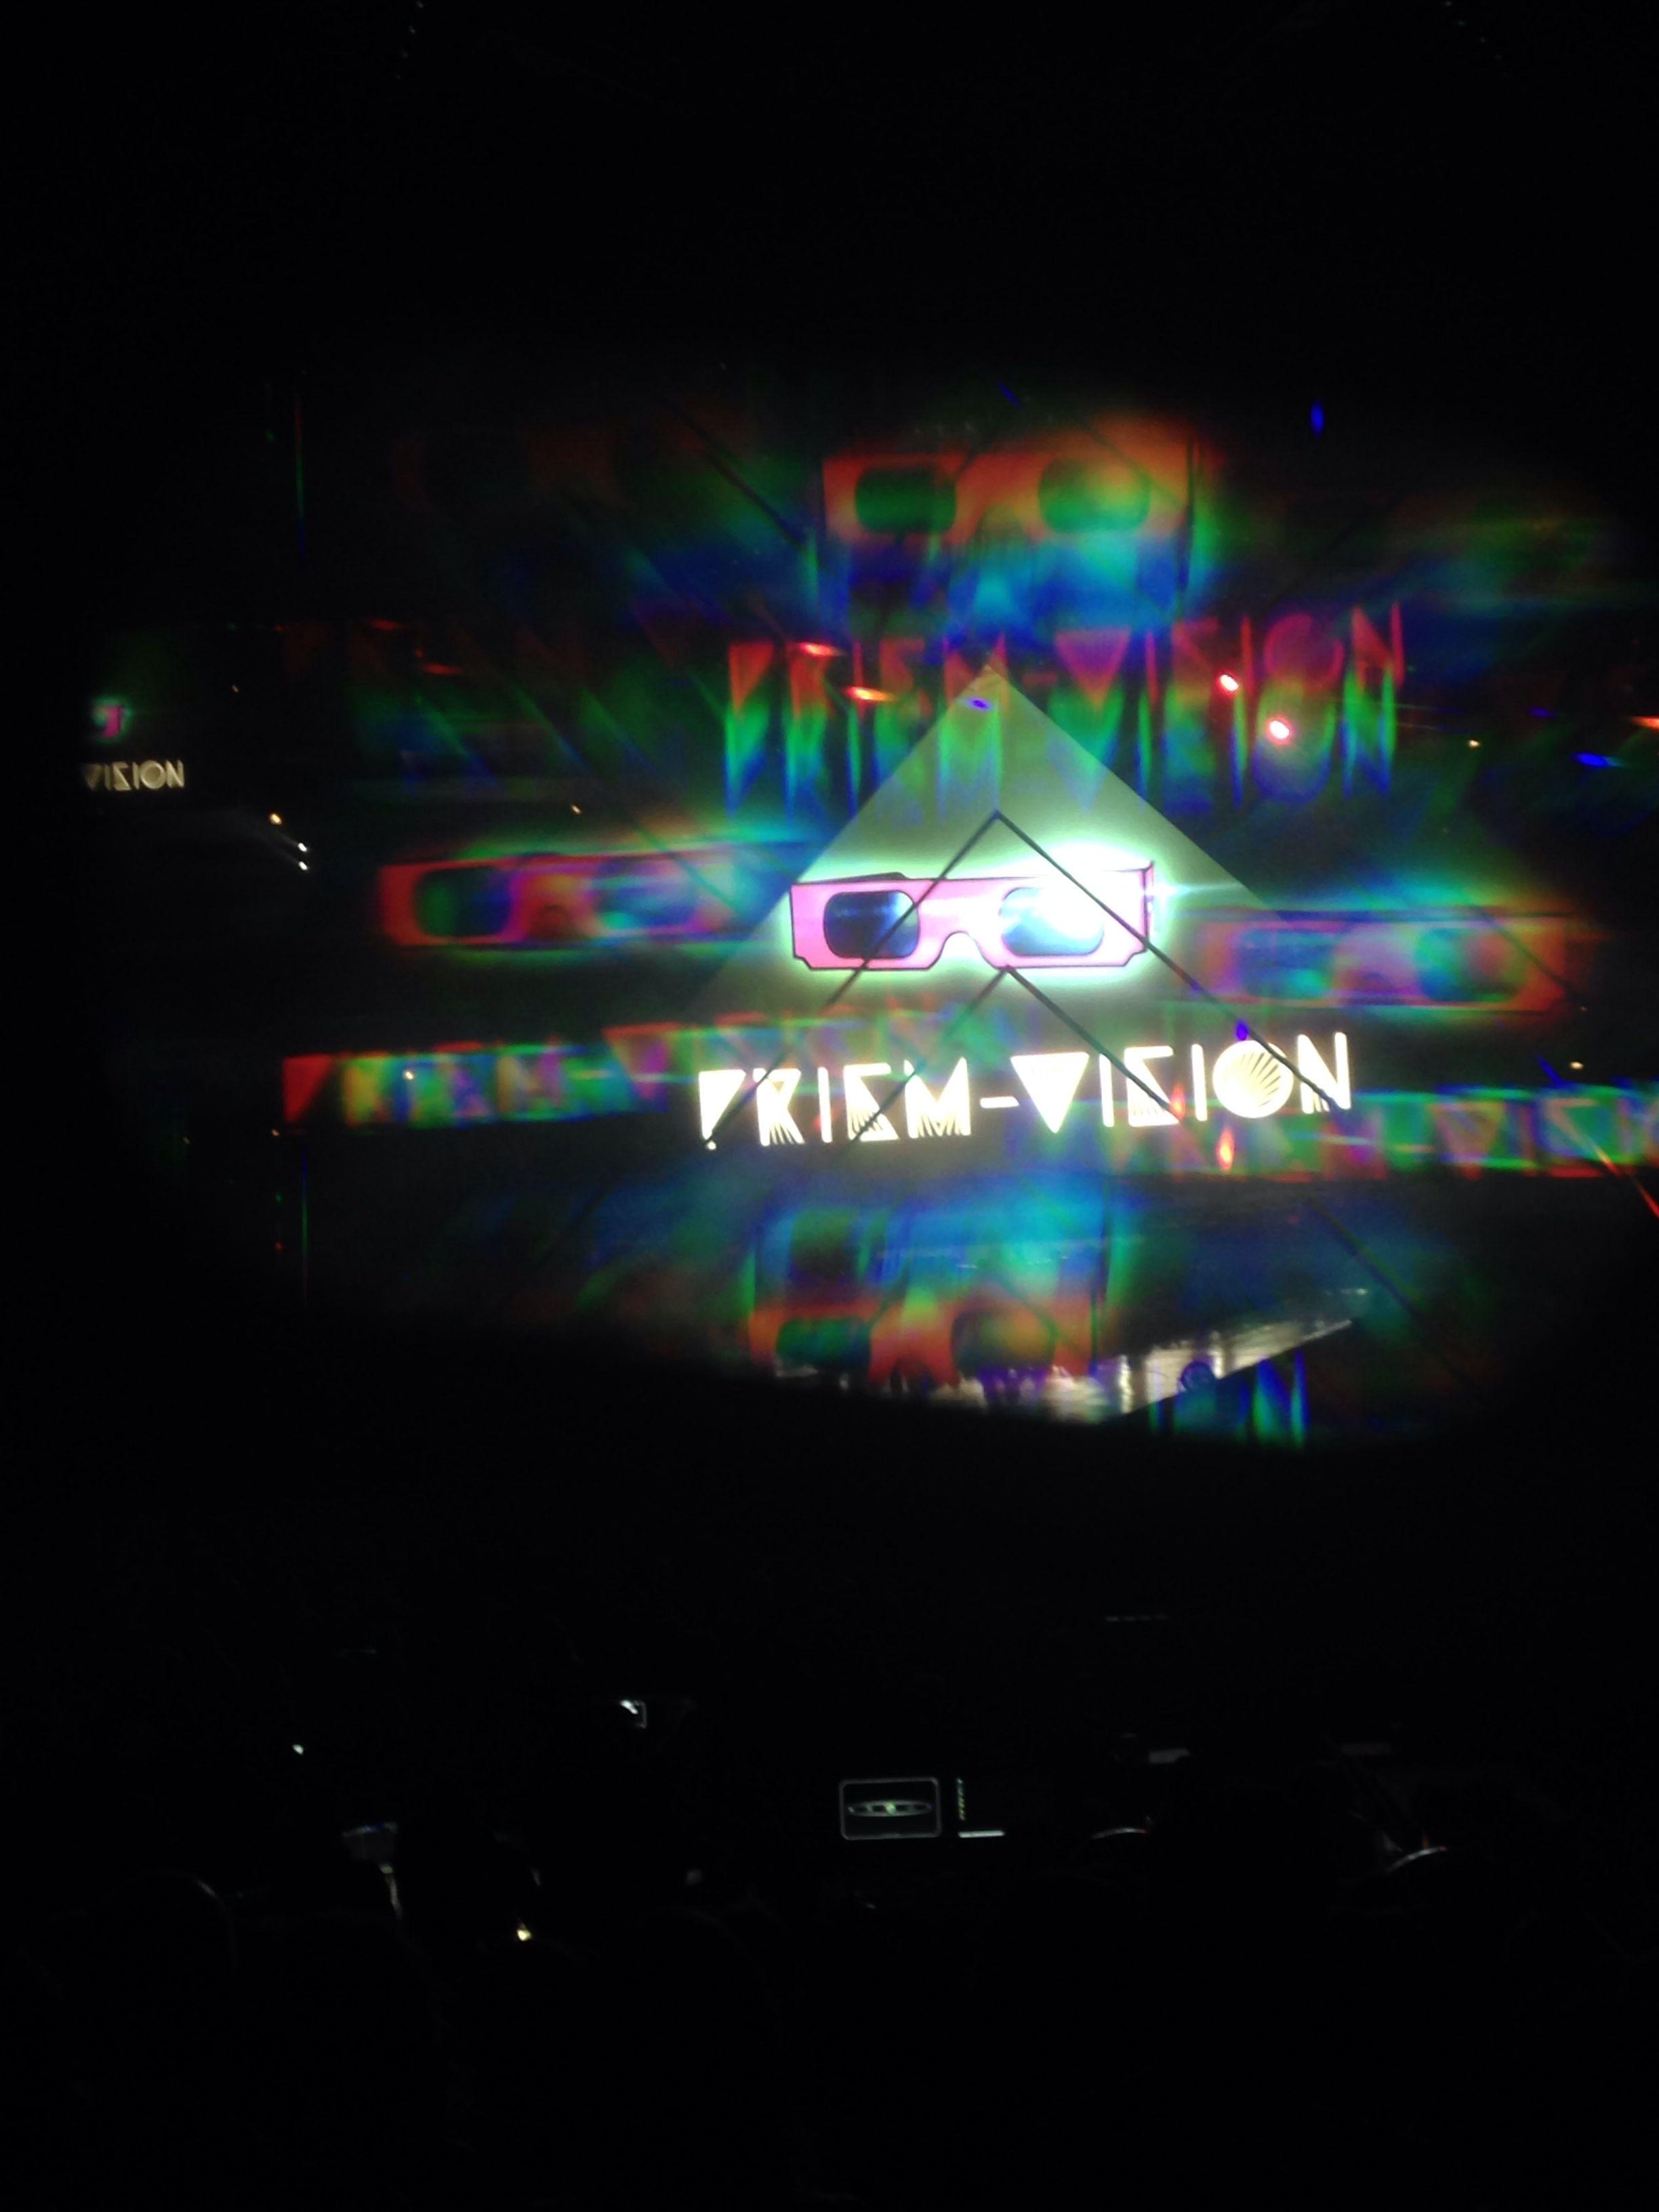 Prism vision Neon signs, Neon, Prism